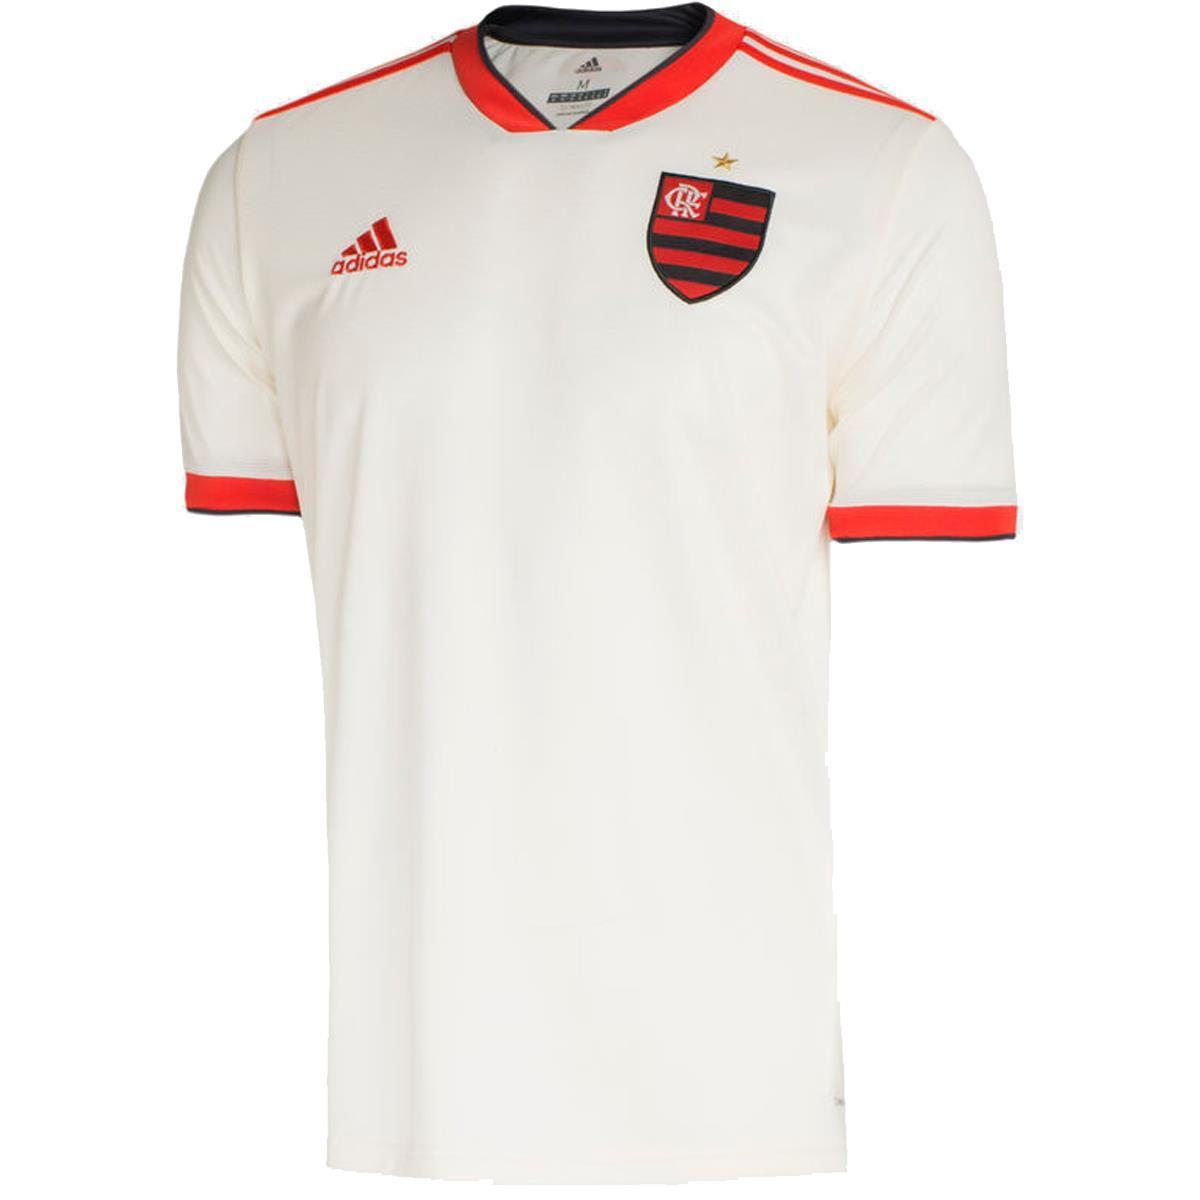 7f9fd9c02 A Adidas caprichou em todas as camisas do Flamengo nesta temporada. No  entanto